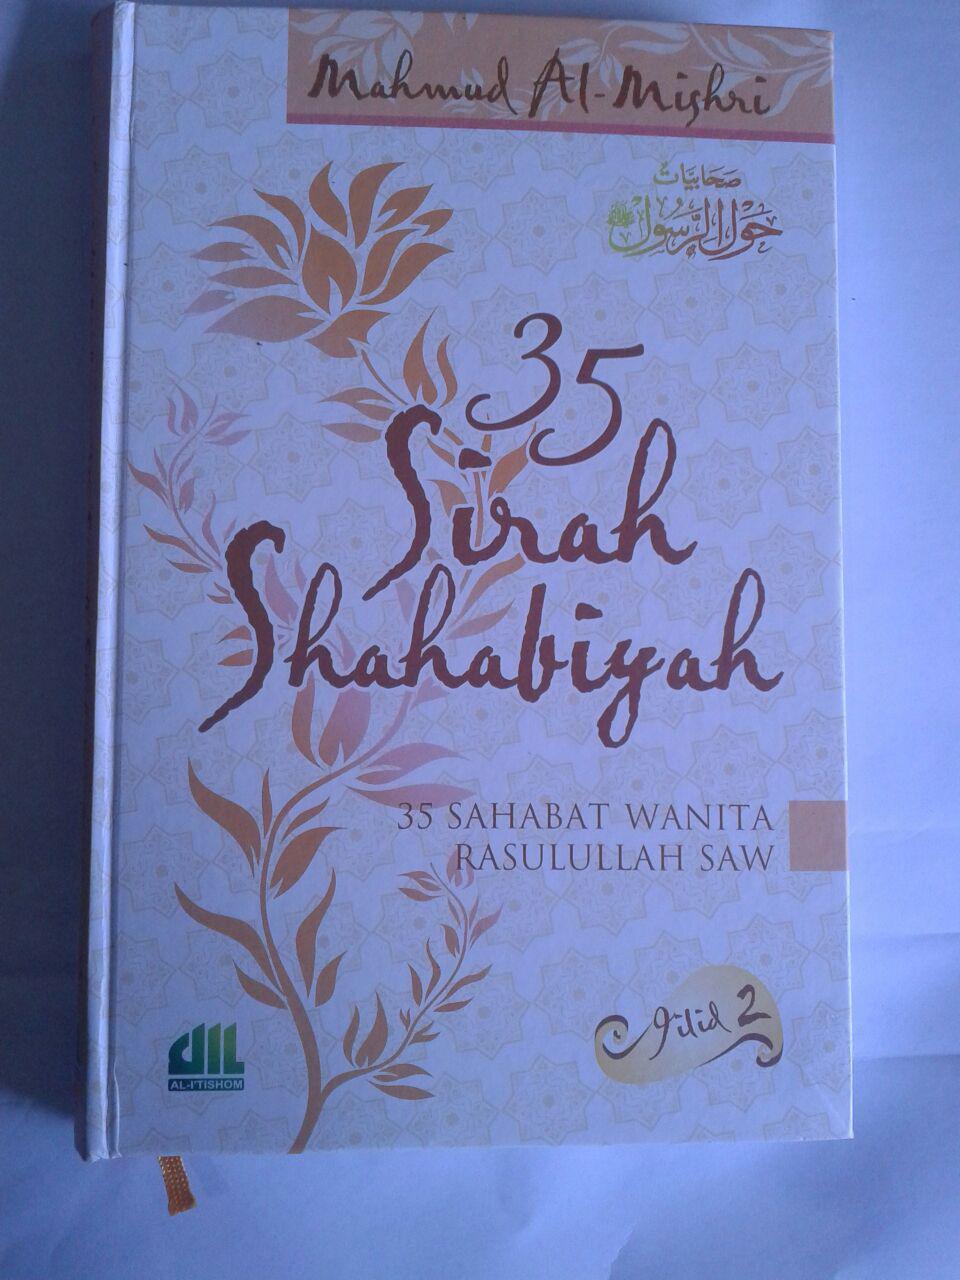 Buku 35 Sirah Shahabiyah 35 Sahabat Wanita Rasulullah 2 Jilid cover 2